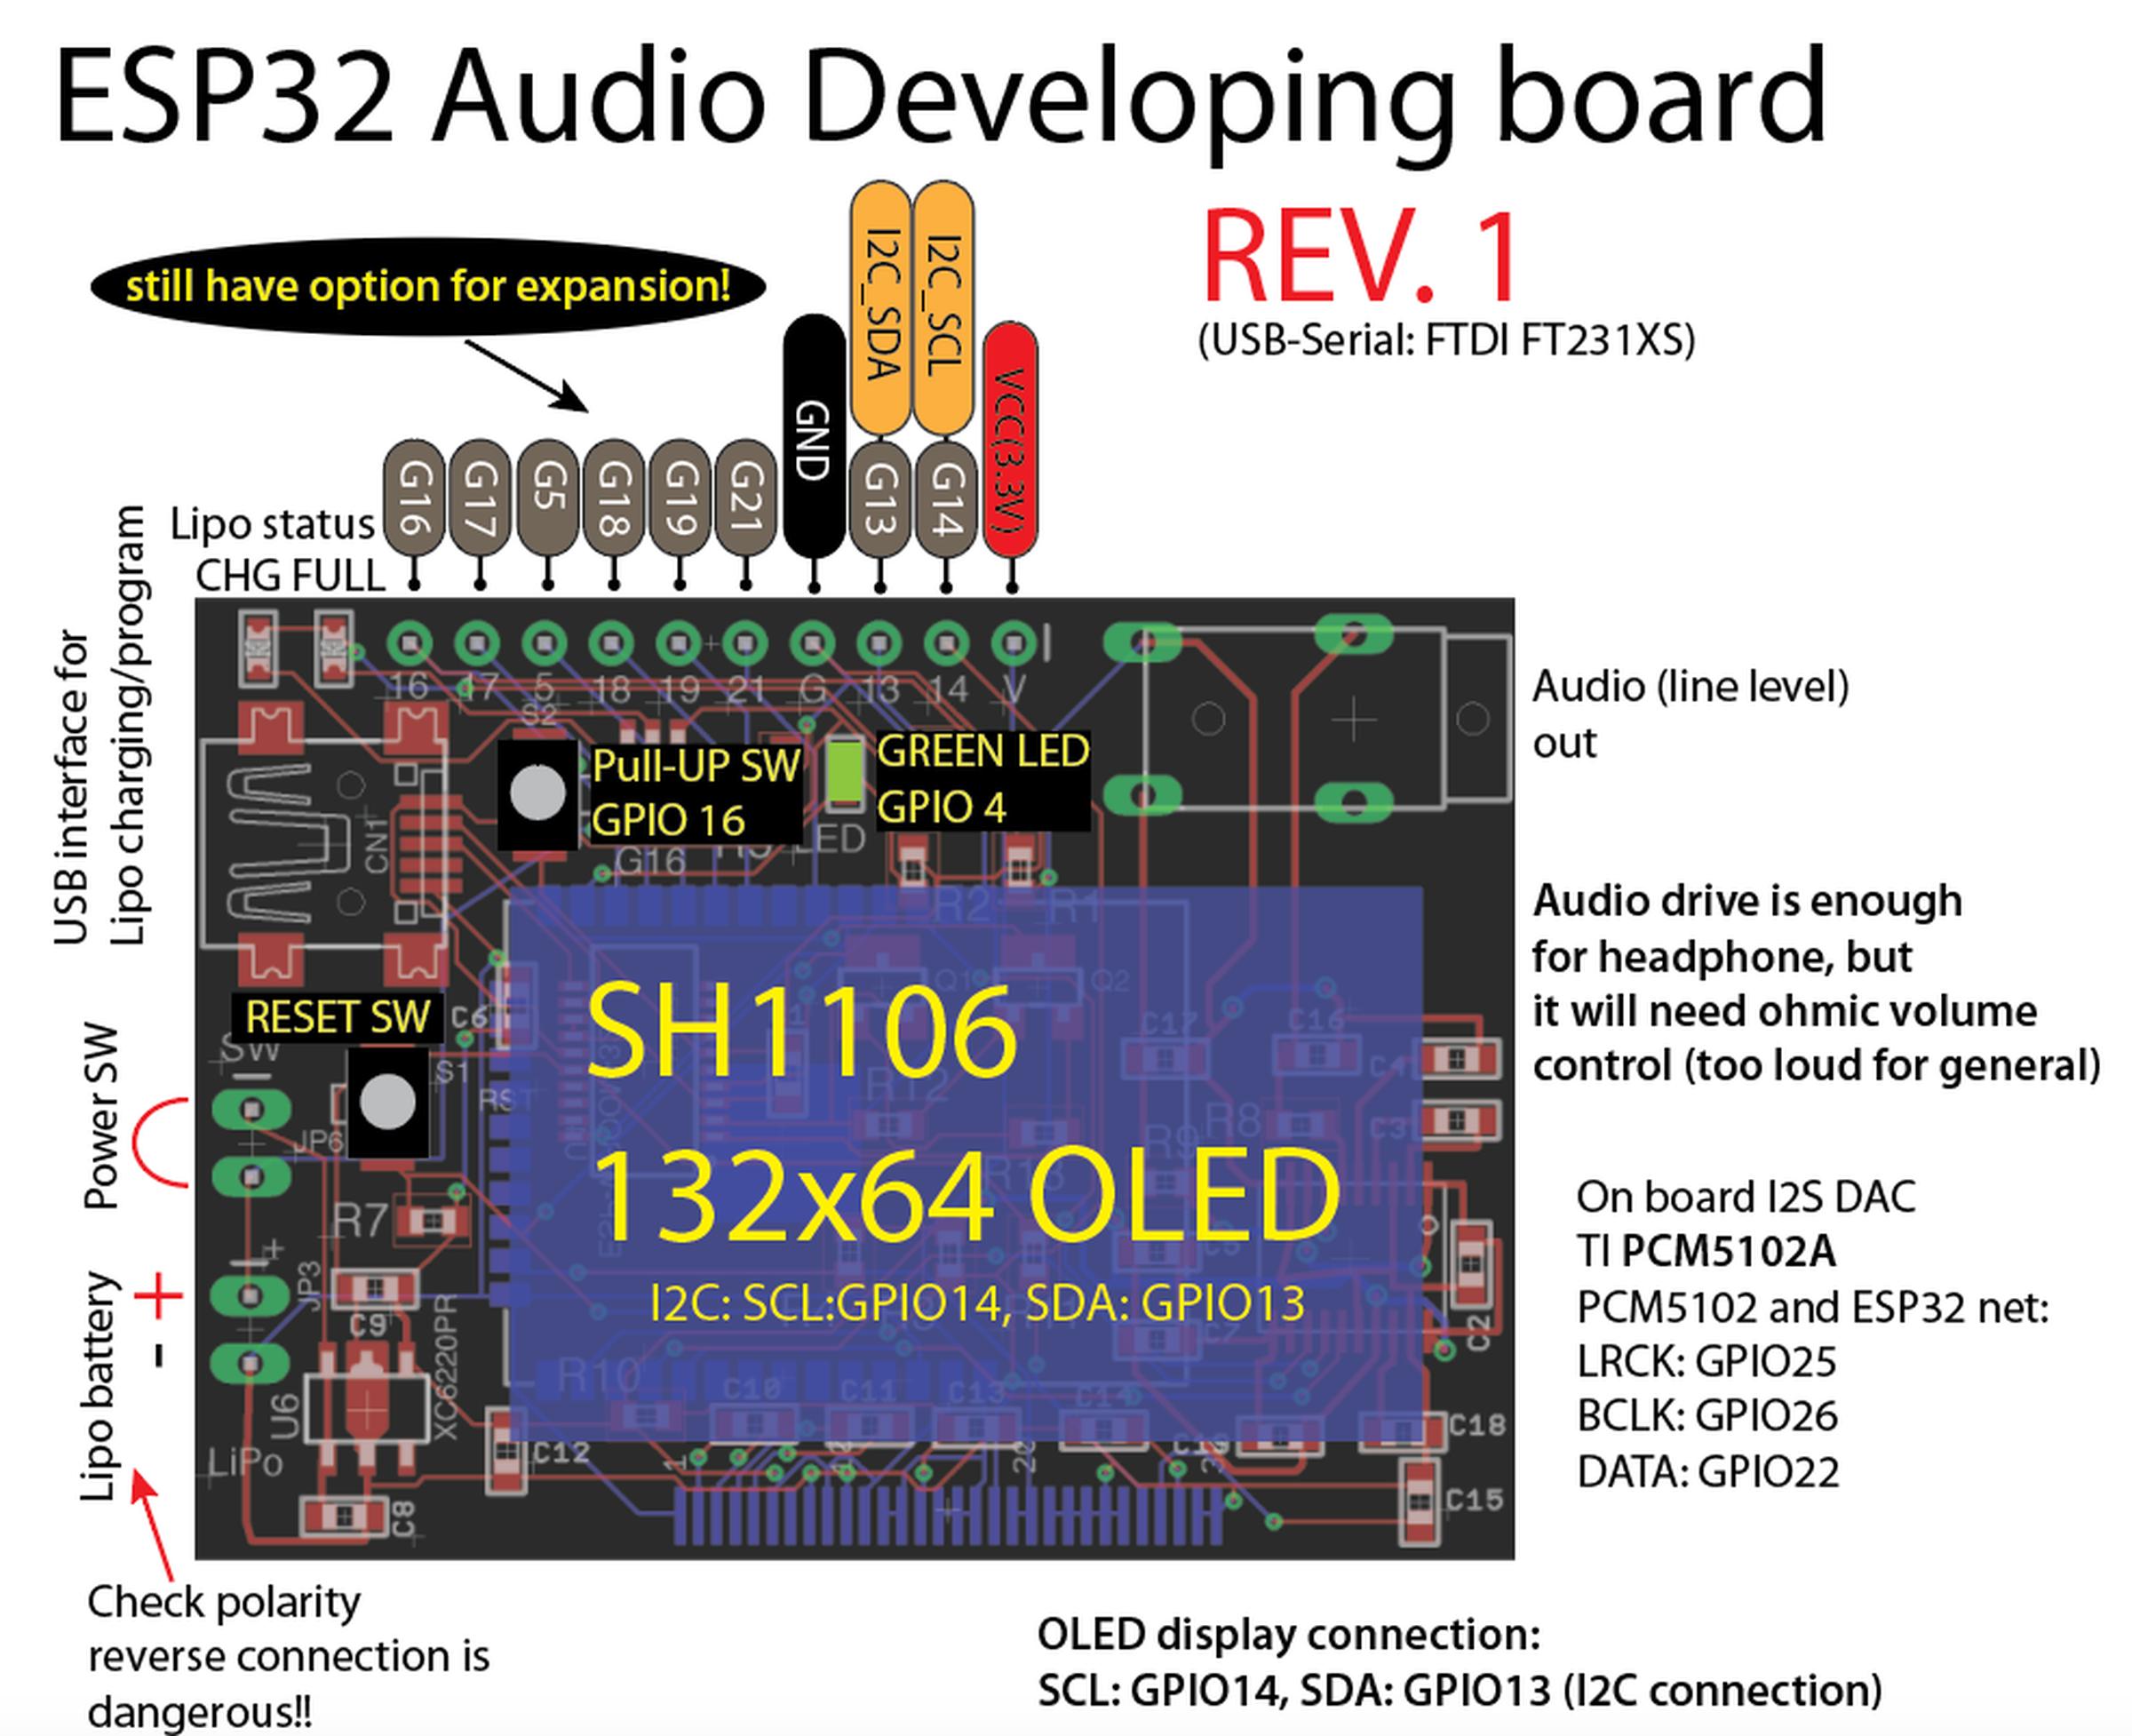 Index of /images/Microwavemont/ESP32-ADB_Rev1